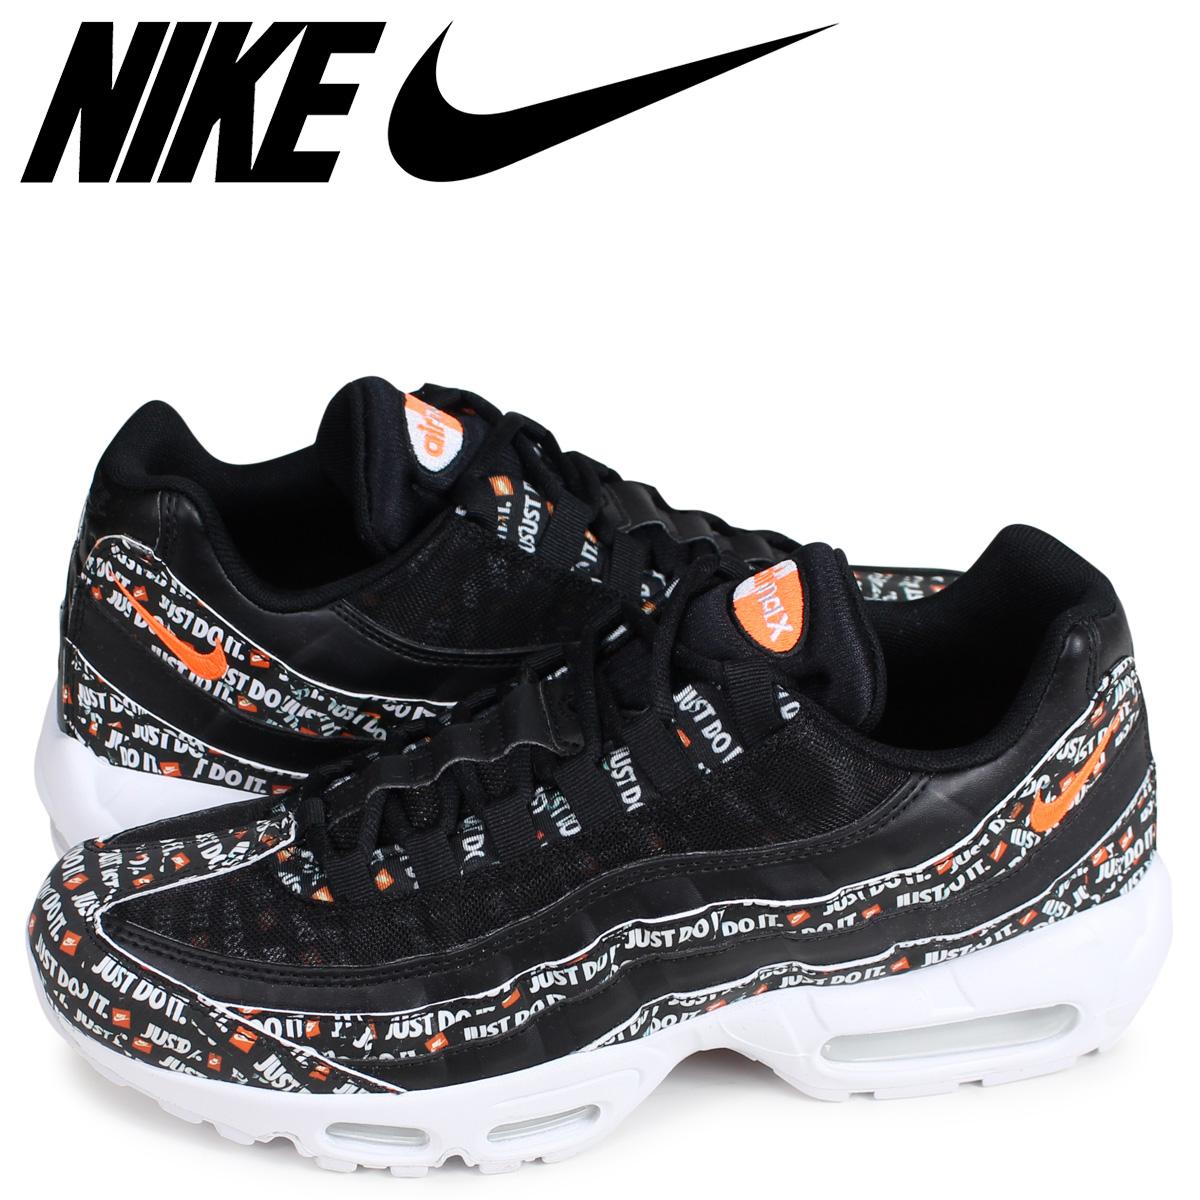 size 40 6c9fa 976d8 NIKE AIR MAX 95 SE JUST DO IT Kie Ney AMAX 95 sneakers men black black  AV6246-001